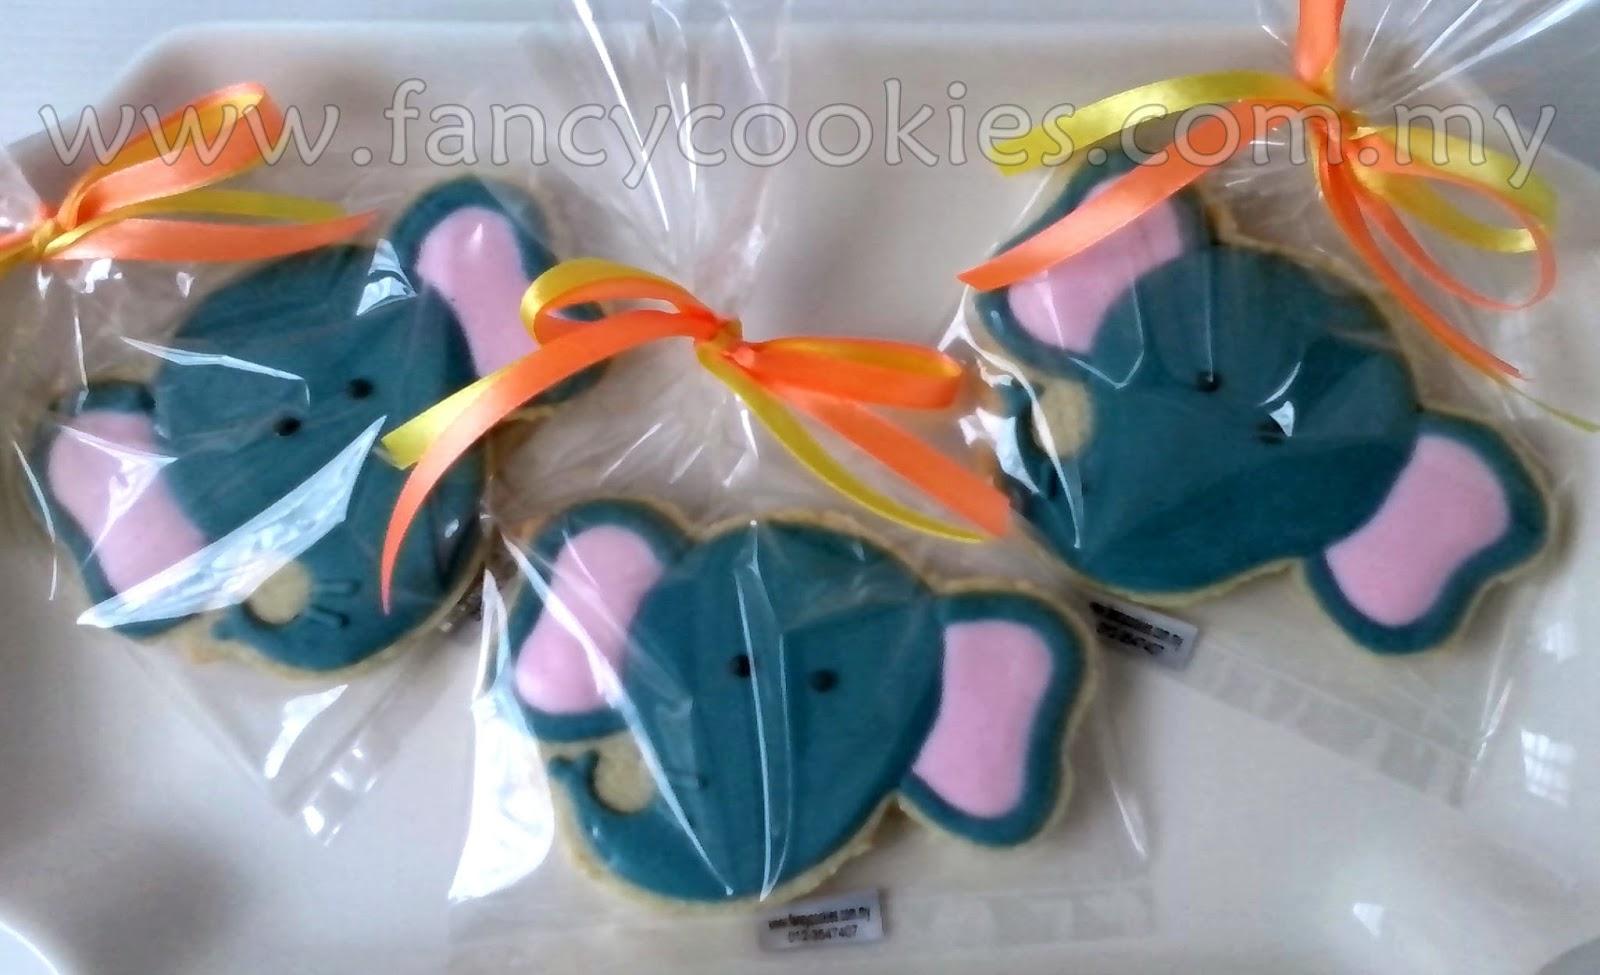 fancy cookies gajah - elephant